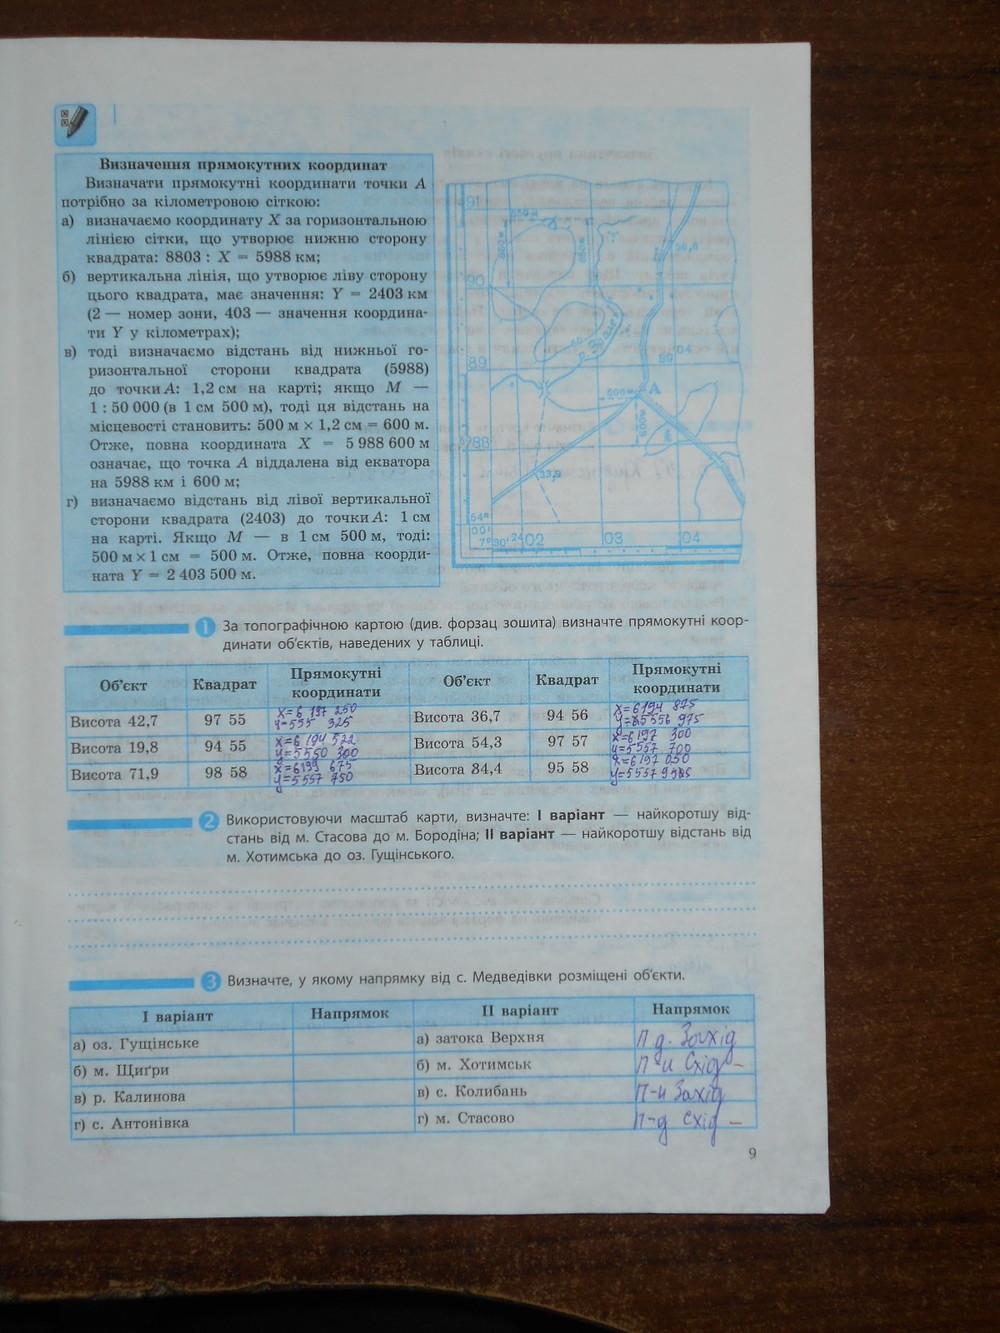 ГДЗ відповіді робочий зошит по географии 8 класс Т.Г. Гільберг, В.М. Проценко. Задание: стр. 9